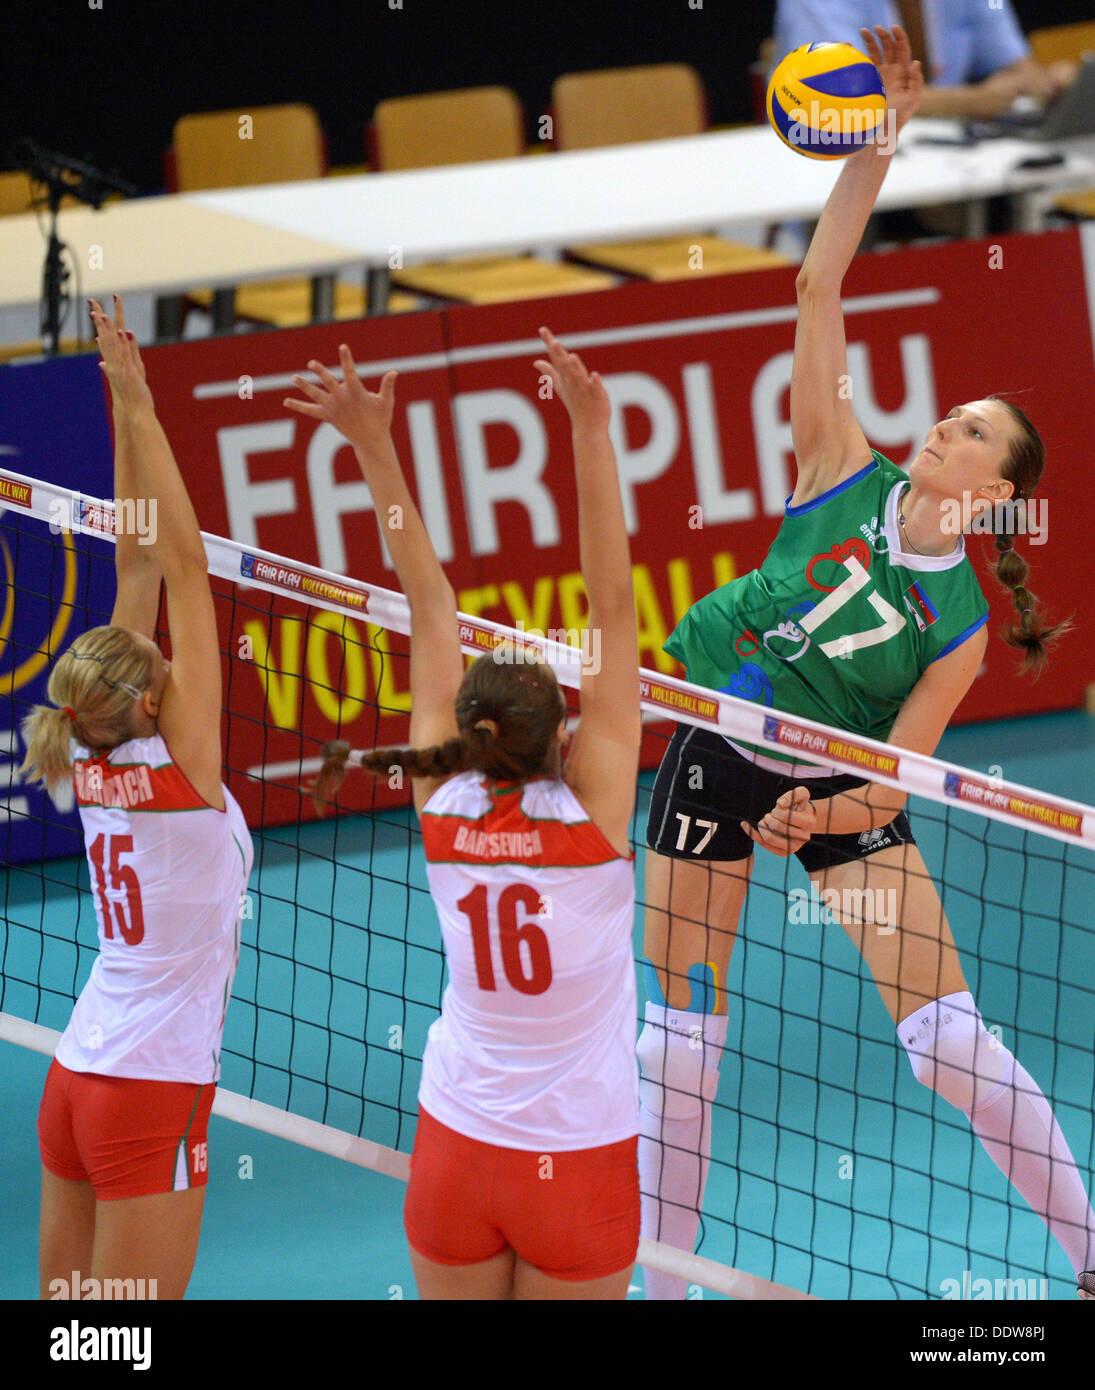 Tatsiana Markevich (L) and Anzhelika Barysevich (C) of Belarus in action against Polina Rahimova of Azerbaijan during Stock Photo